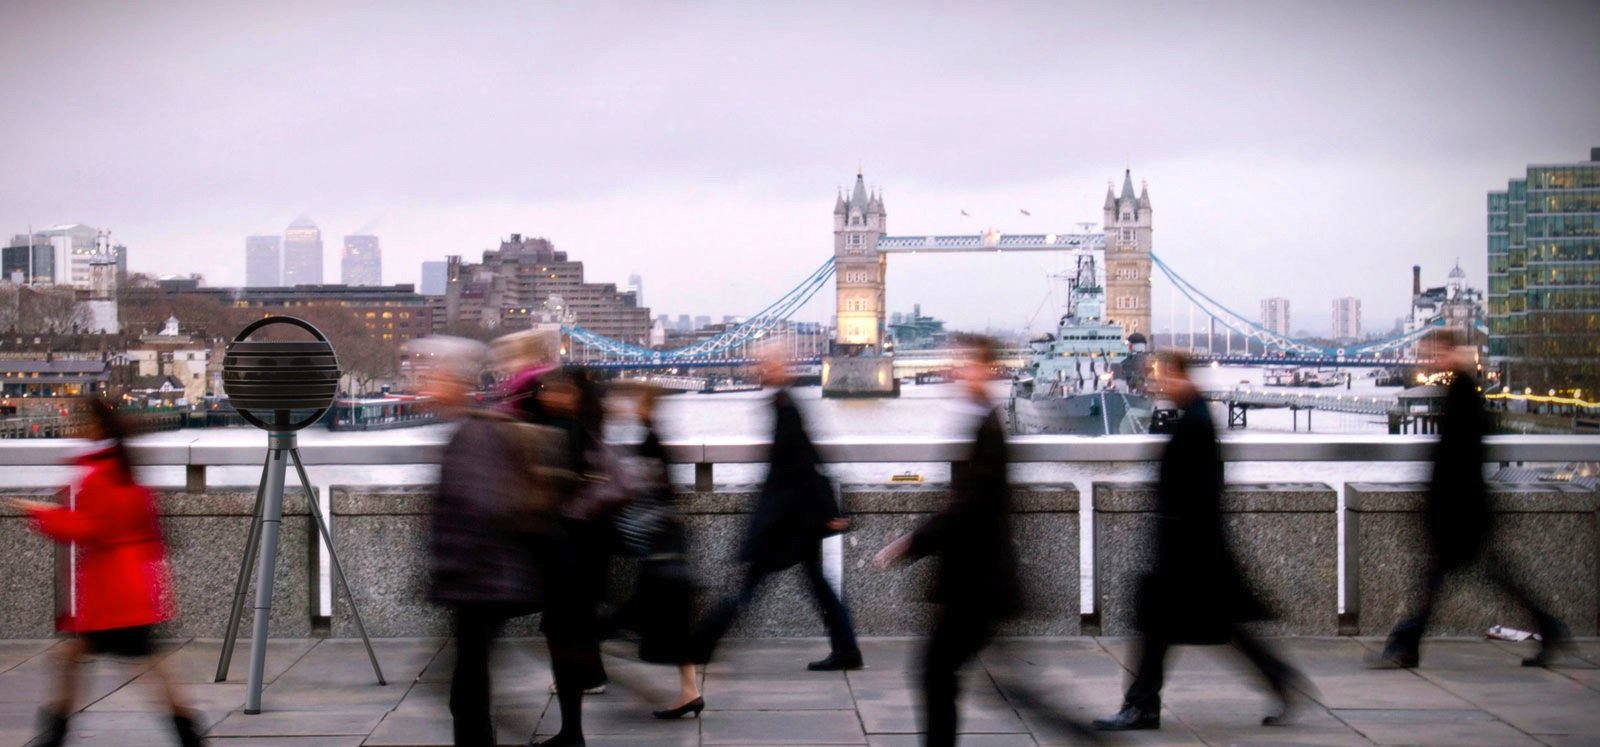 Hinten im Bild ist die Londoner Tower Bridge scharf zu erkennen. Am Schneidetisch kann der Filmemacher die Schärfe langsam so weit nach vorne ziehen, dass die Passanten scharf erscheinen.